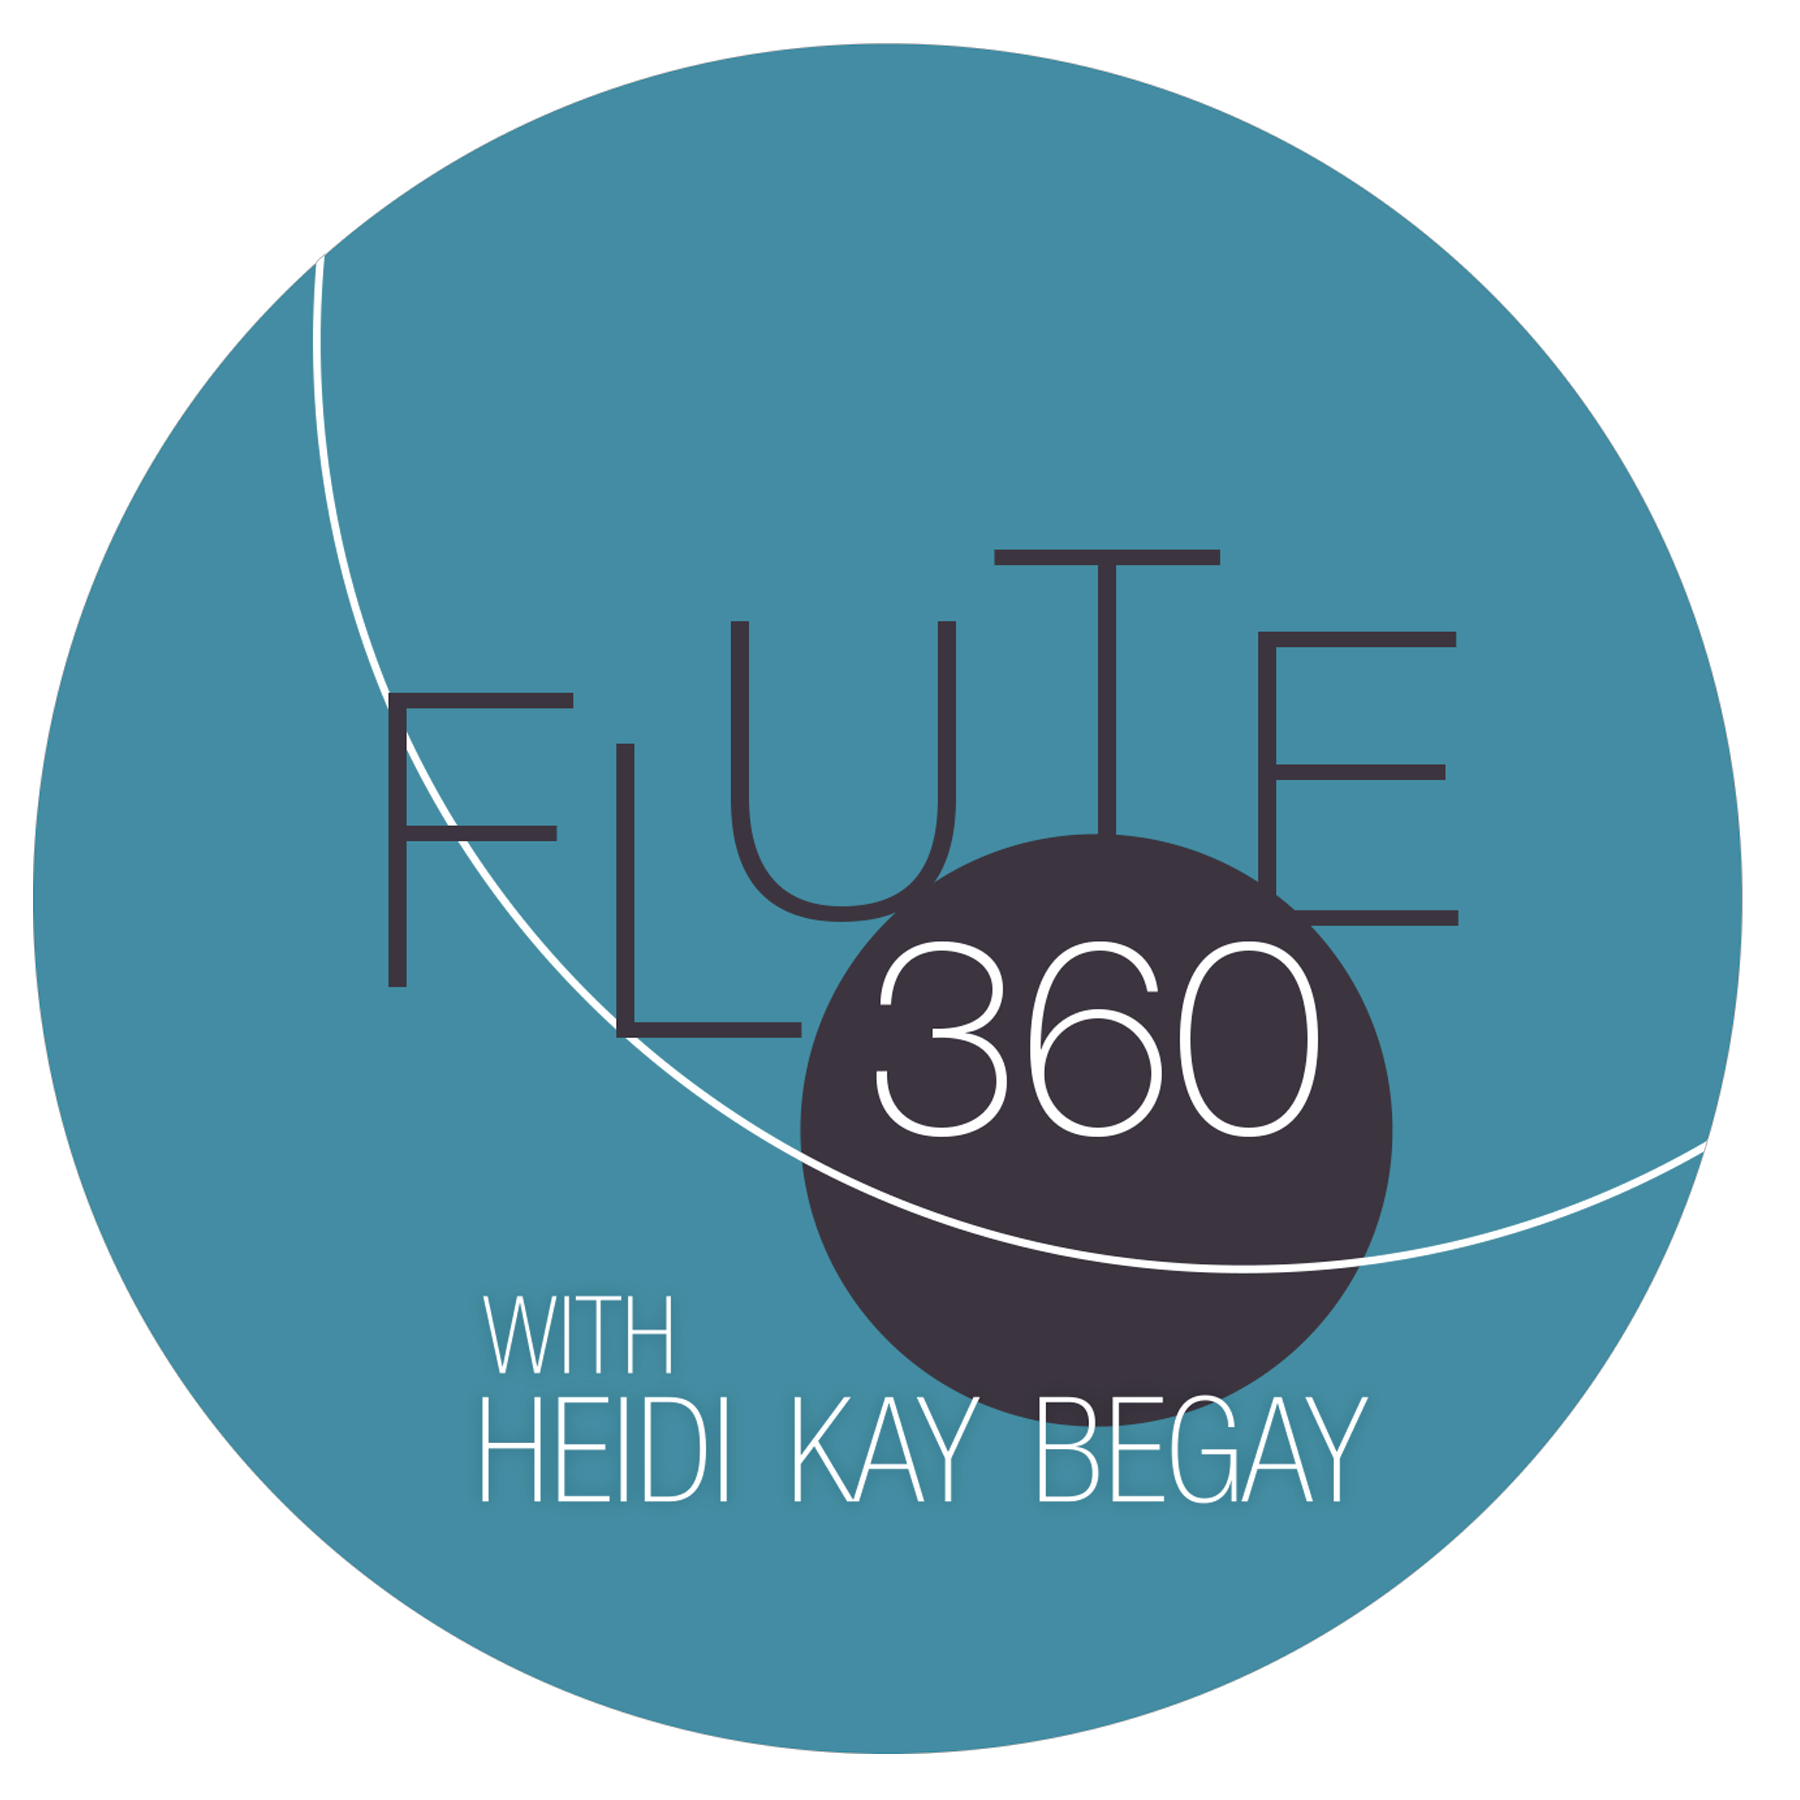 Flute_360_logo.png